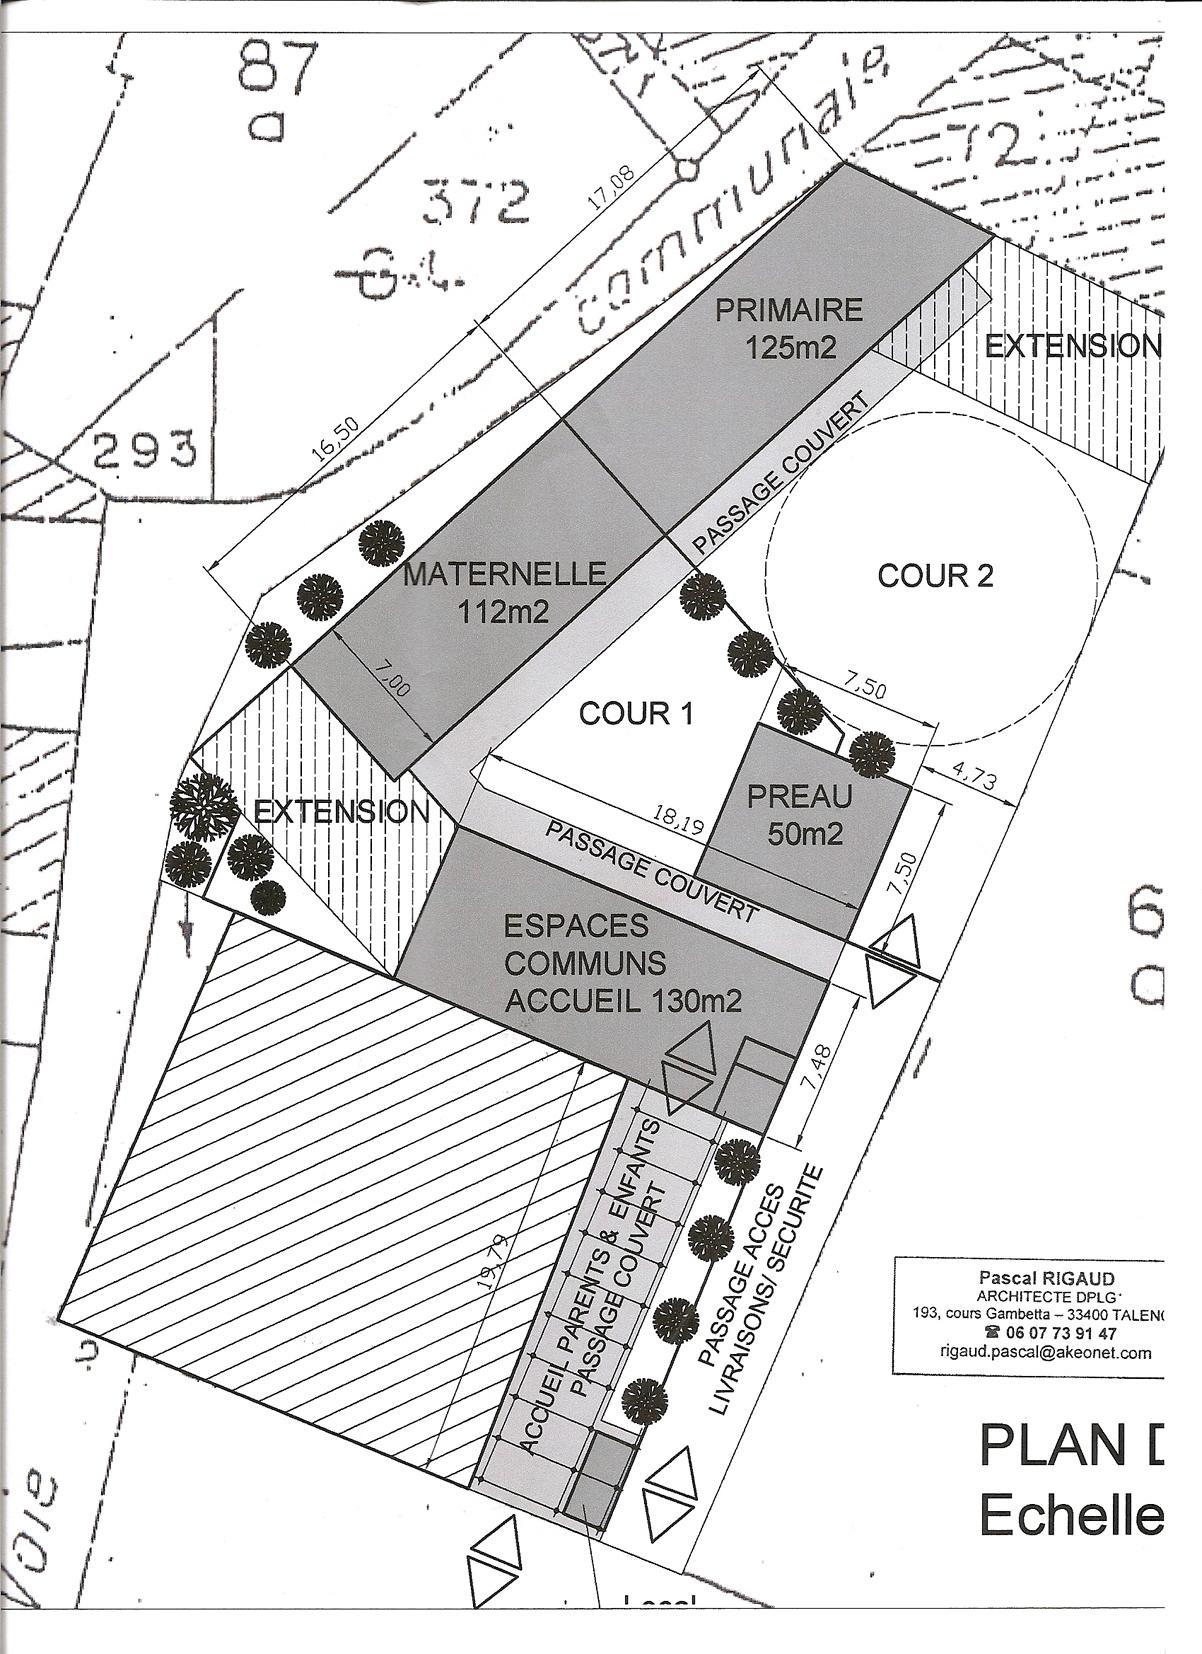 Plan de masse centre de loissirs pascal rigaud - Plan de masse maison individuelle ...